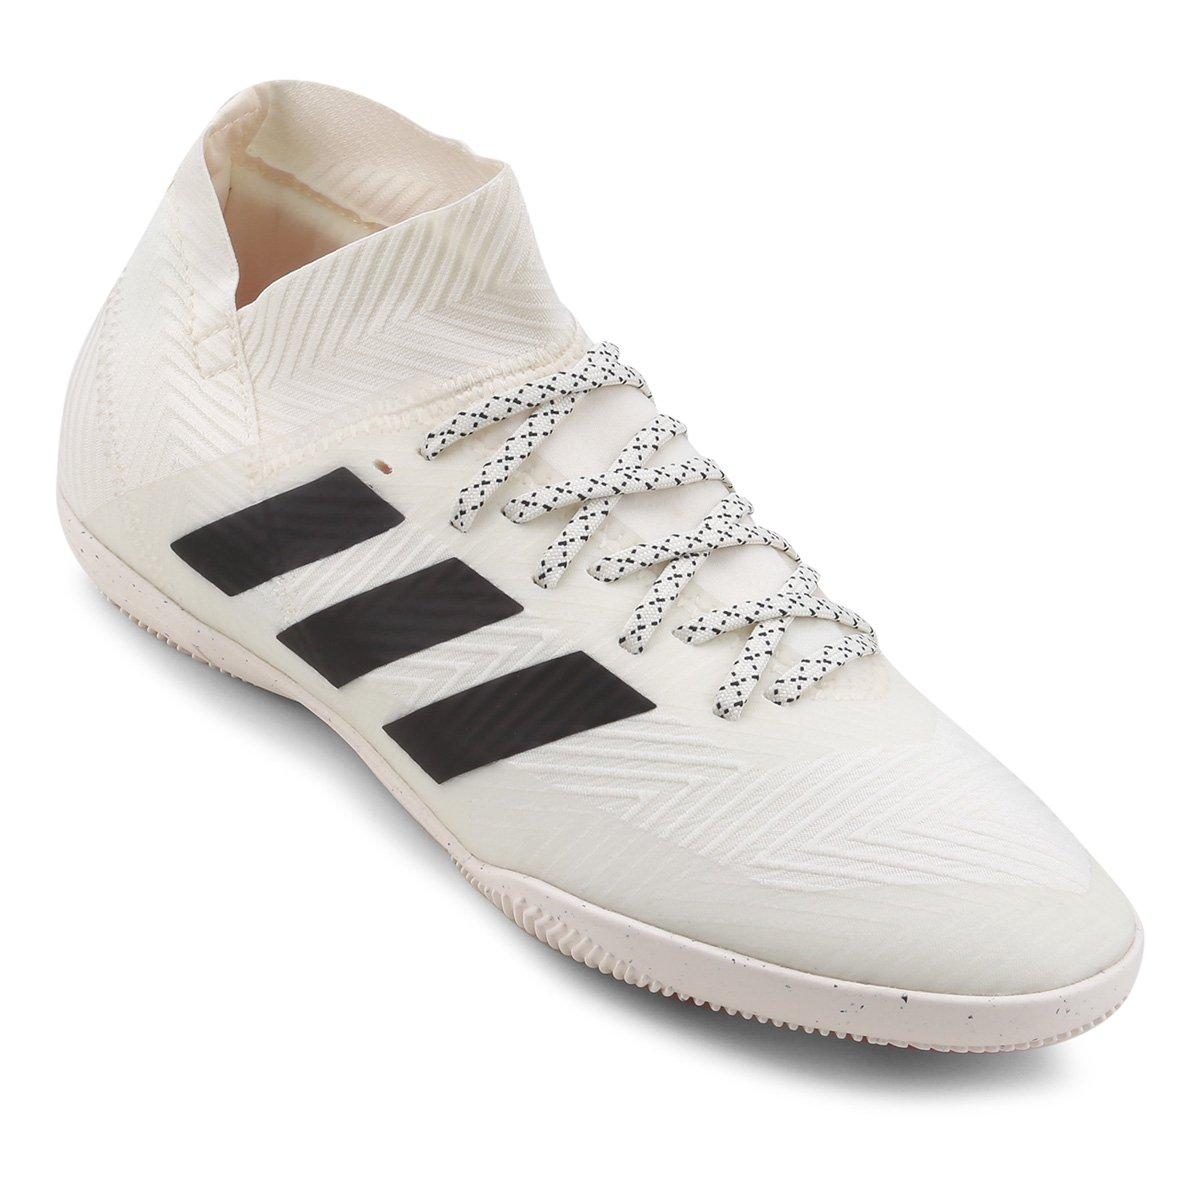 73c2255ccd Chuteira Futsal Adidas Nemeziz 18 3 IN - Compre Agora